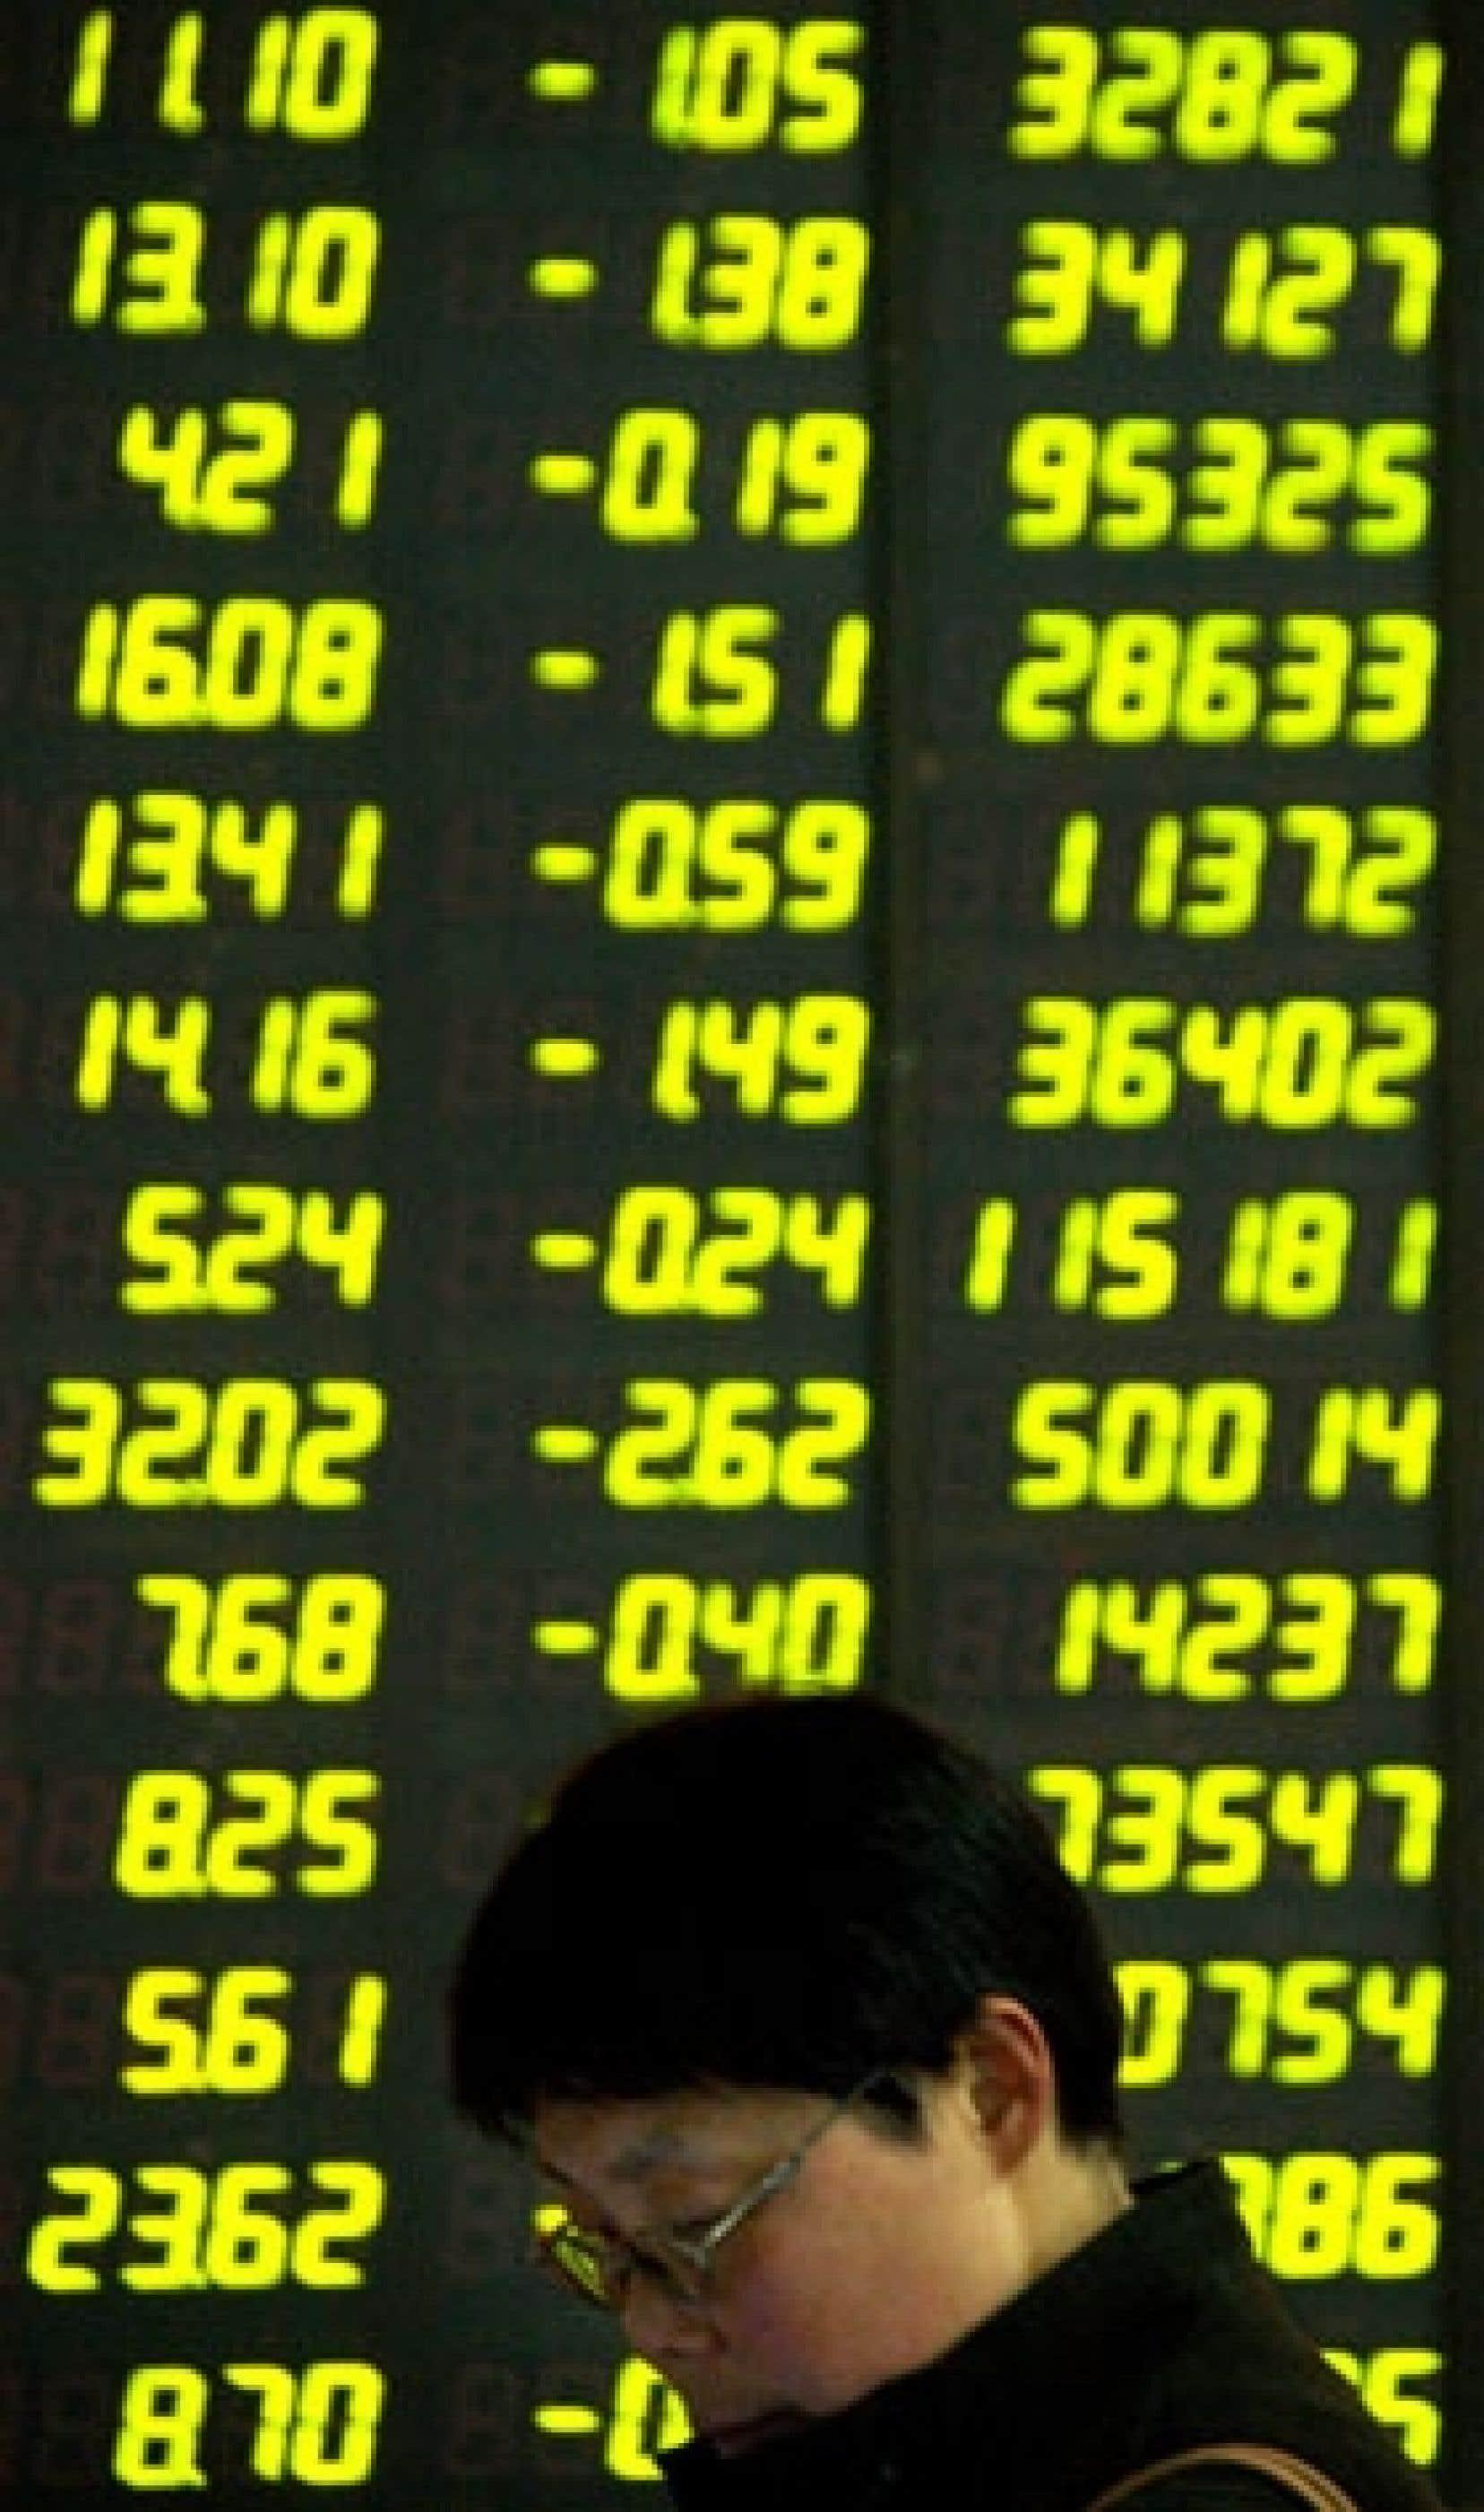 Le parquet chinois a encaissé son plus important recul en plus de dix ans. Cette chute, qui fait craindre un éclatement brutal de la bulle boursière chinoise, doit toutefois être mise dans la perspective d'un marché fortement surévalué